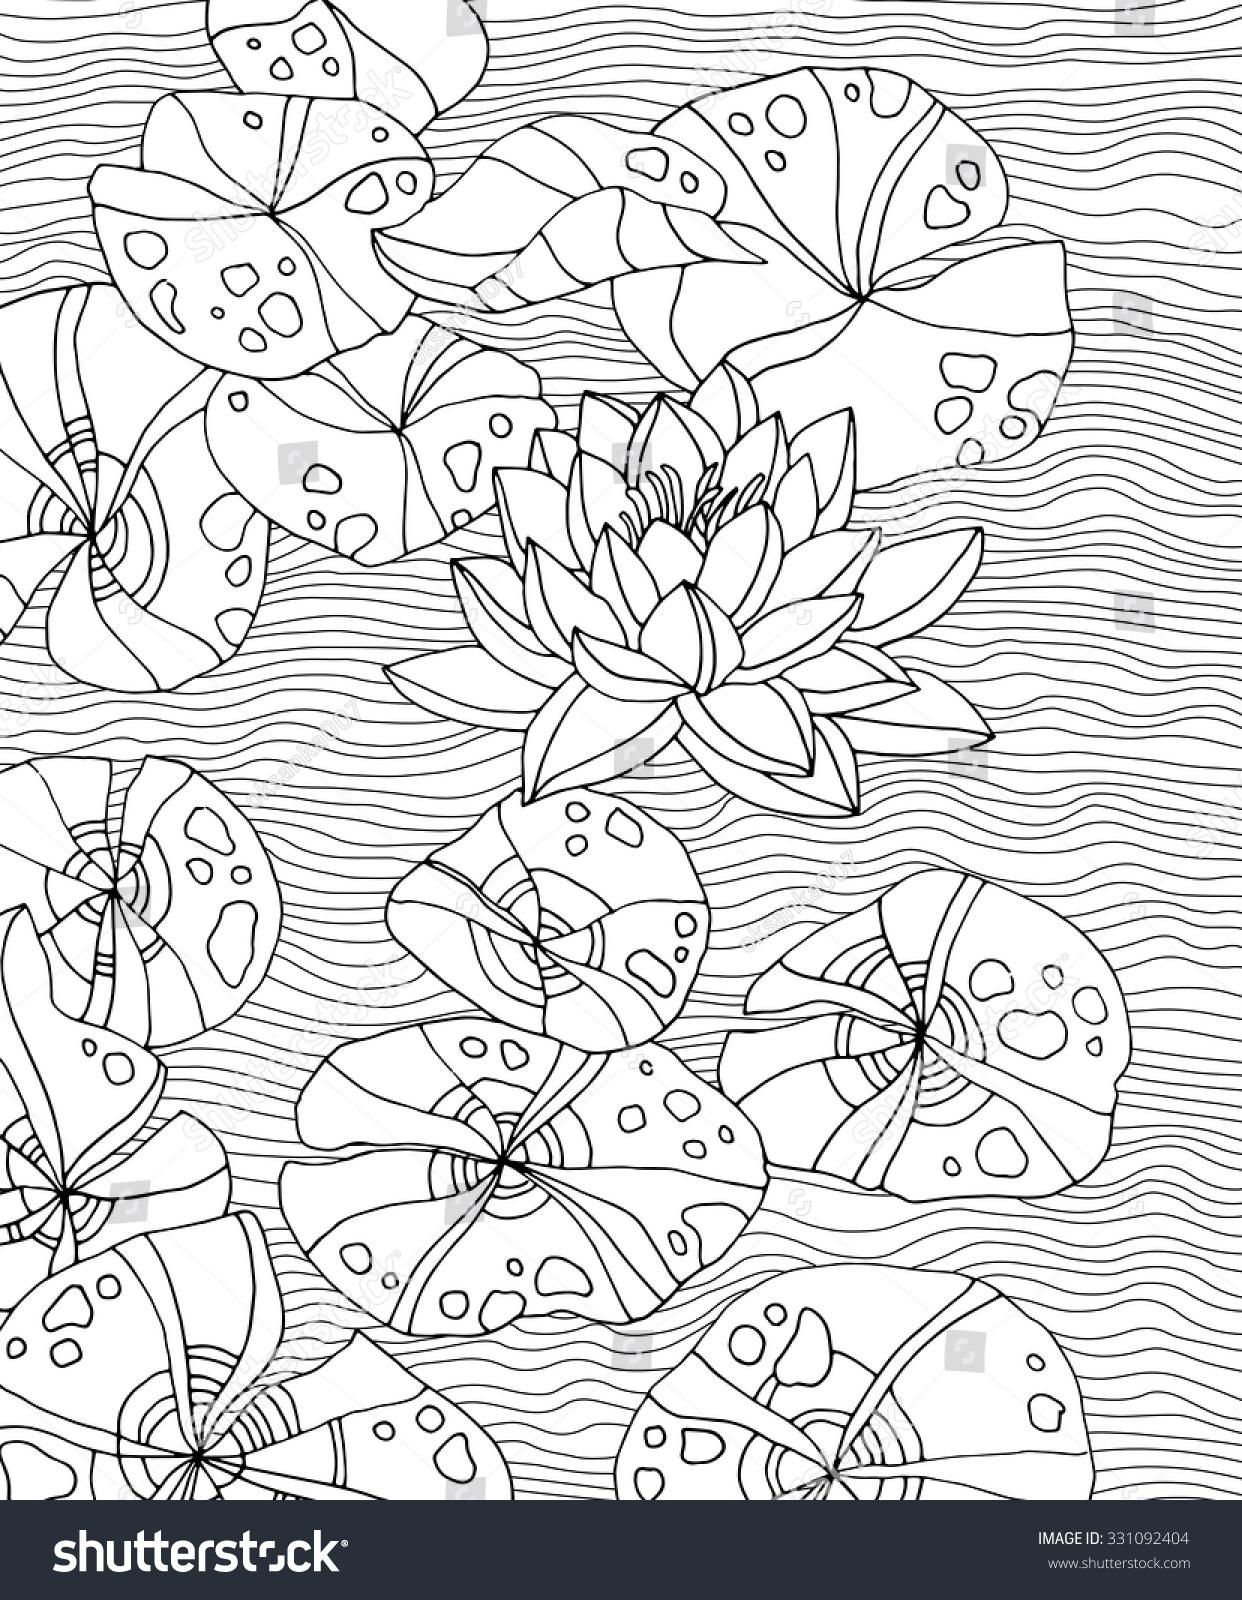 Amazing Waterlilies Forest Wild Plant Lotus Stock Vector 331092404 on pergola design, okinawa design, zen small backyard ideas, zen gardens in japan, loft design, zen gardens landscaping, landscape design, zen flowers, zen space, zen gardening, zen art, zen symbols, mail kiosk design, pool design, zen doodle designs instruction, zen paint colors, patio design,